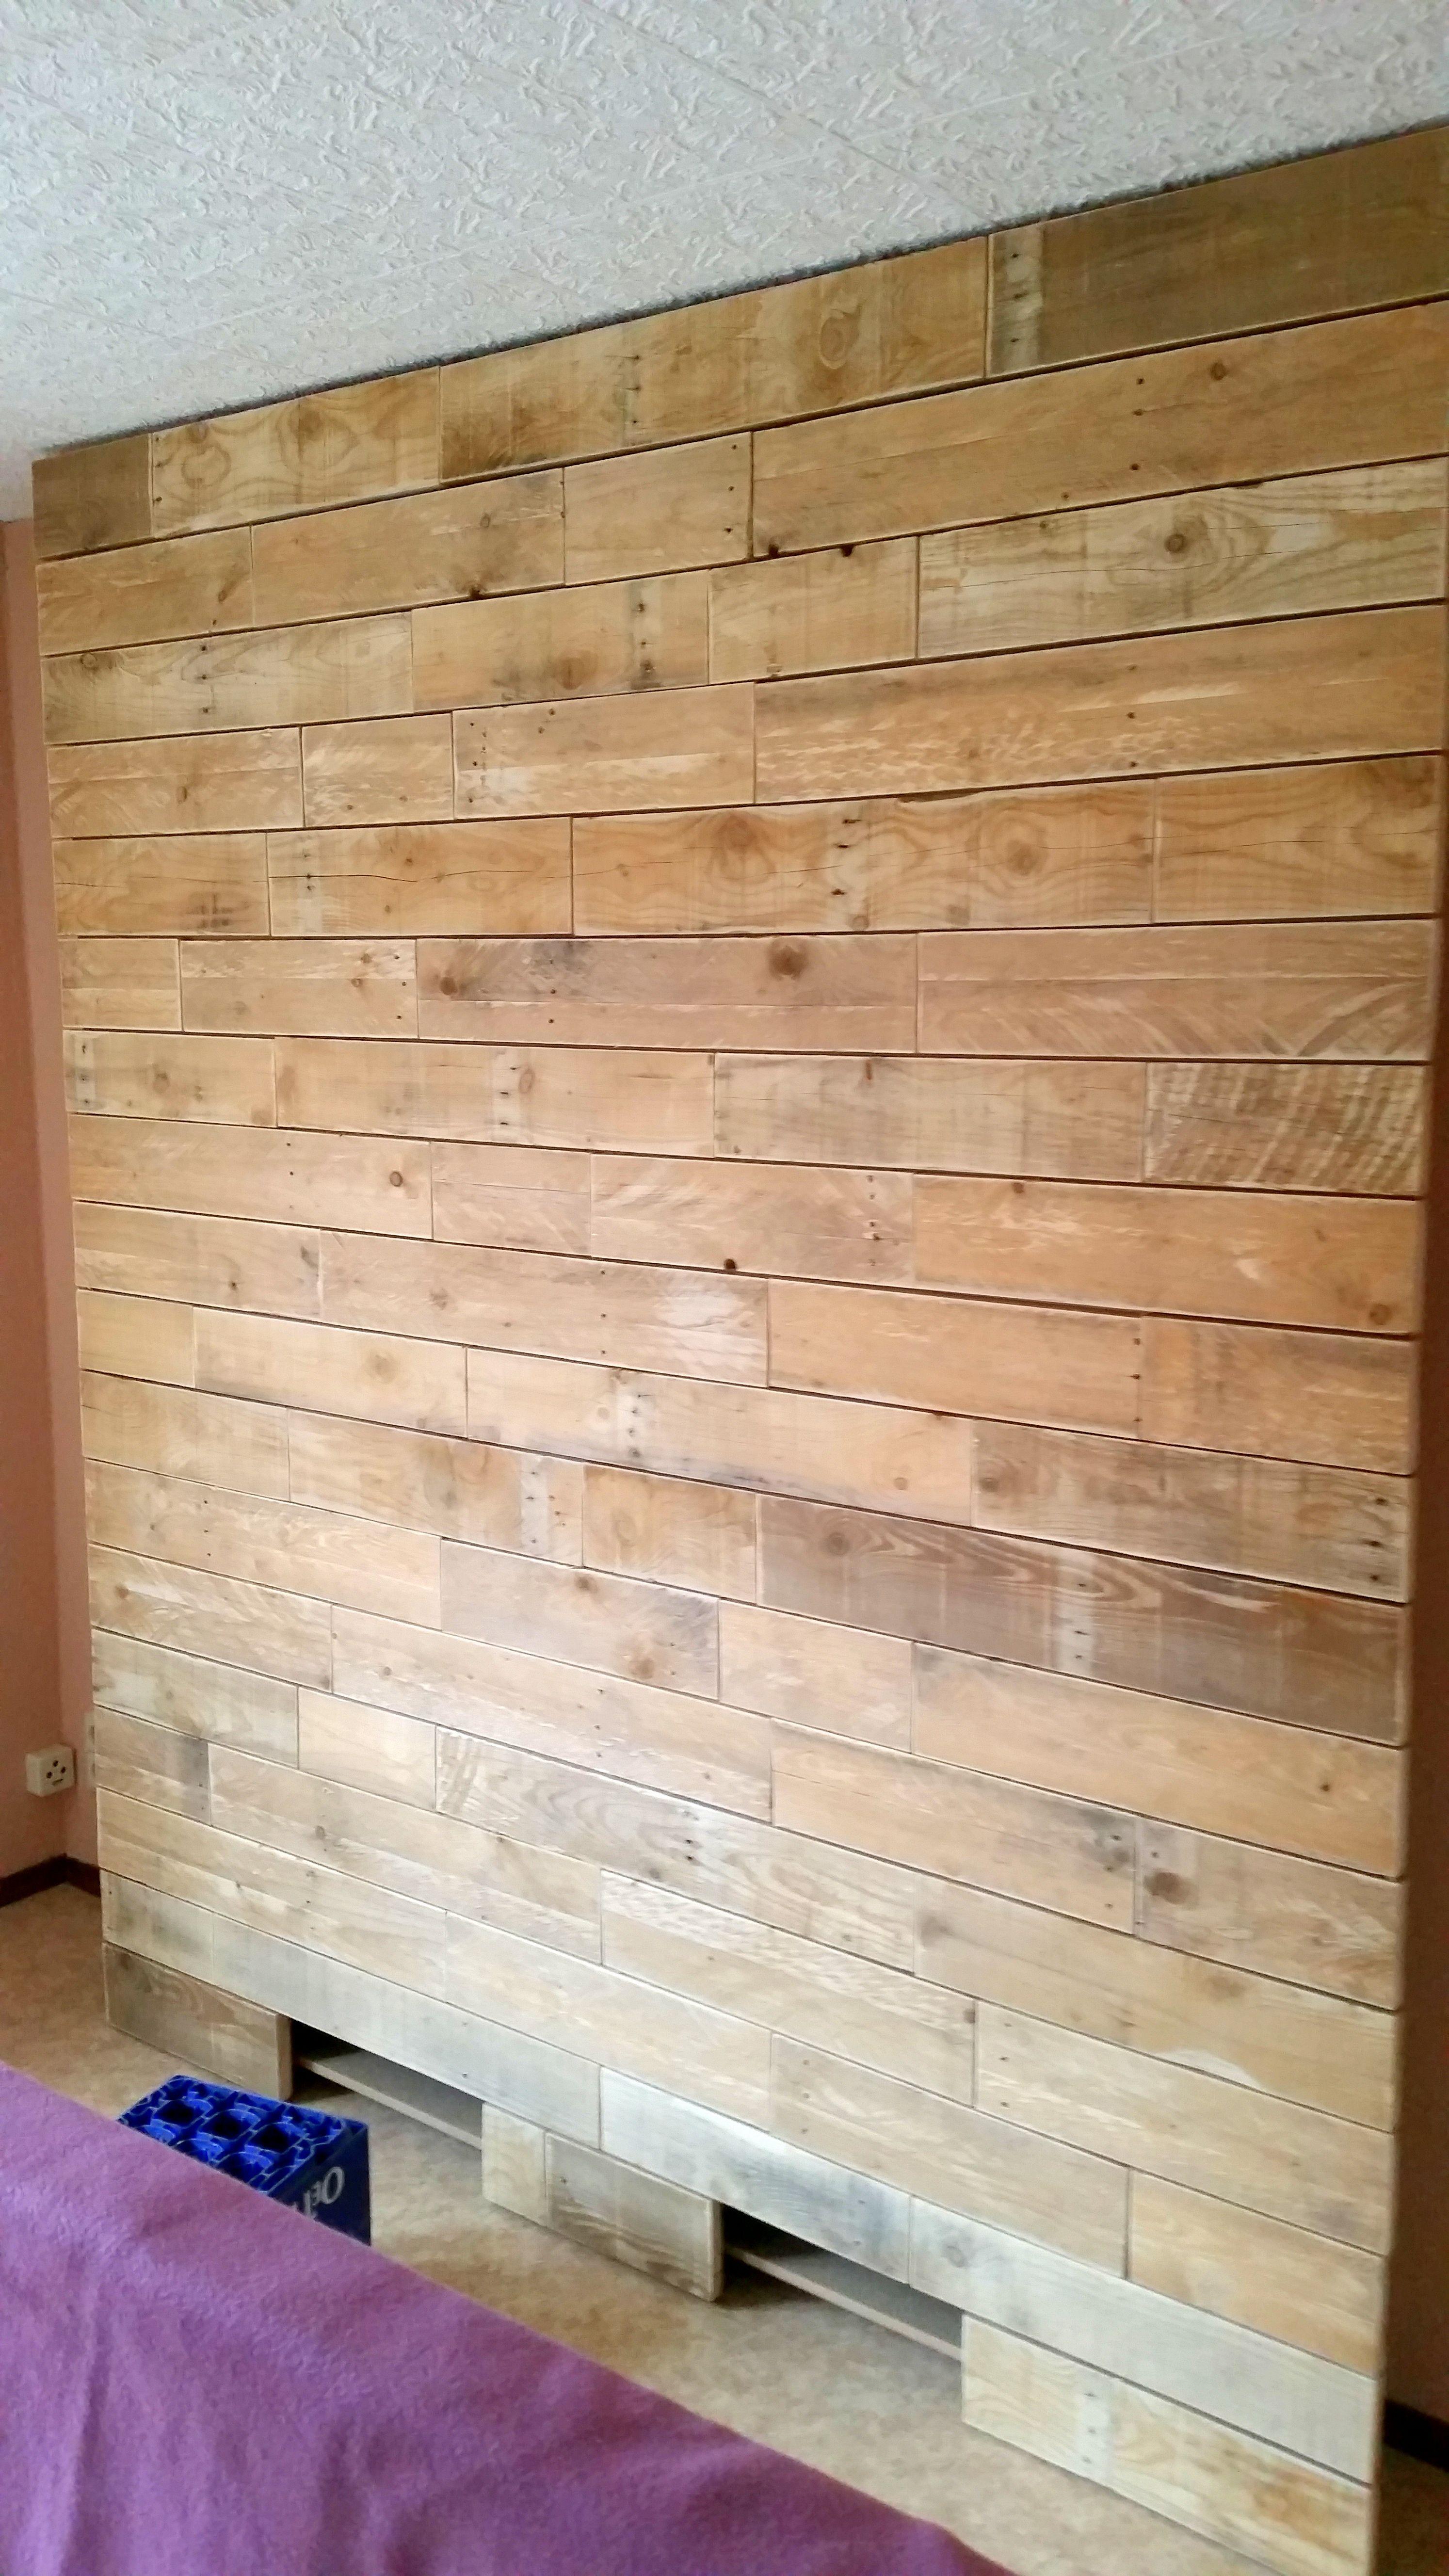 Schlazimmer Wand Aus Palettenholz Hinter Dem Bett Inkl Stauraum